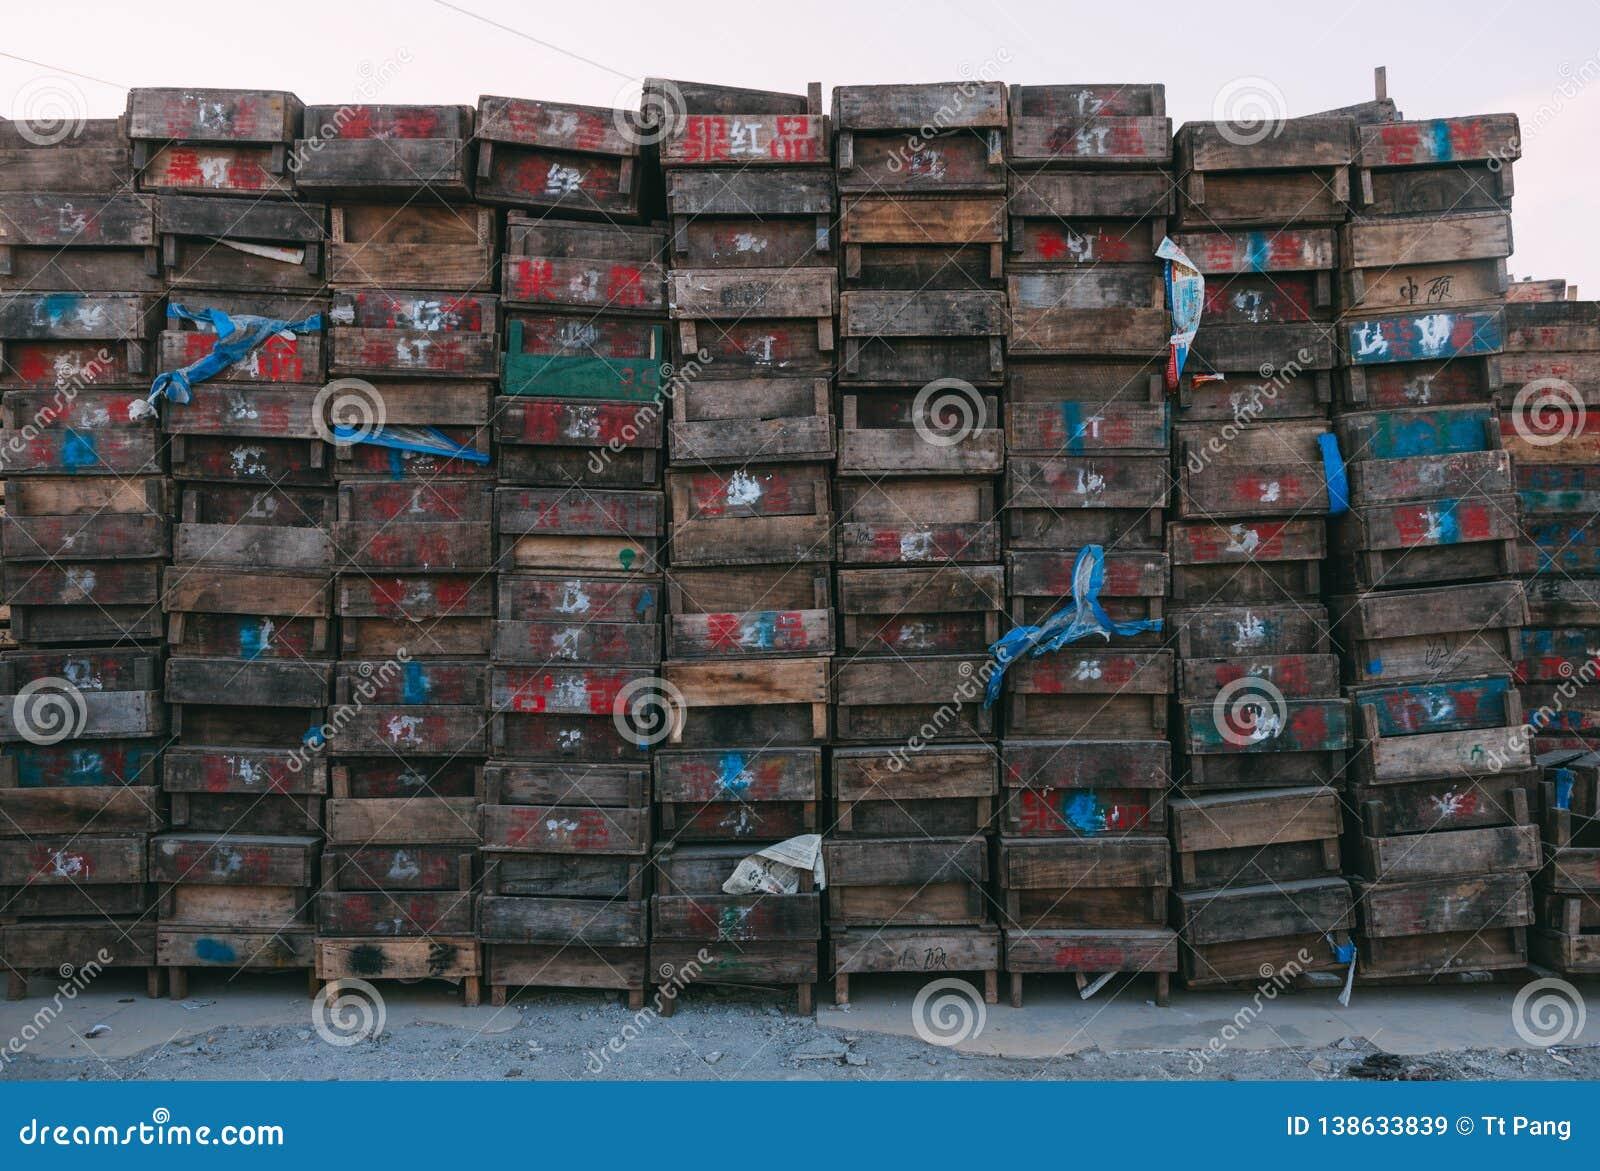 Peking, China - 21 Dec, 2014: kleurrijke massieve kratten gestapeld op houten pallets in een markt II